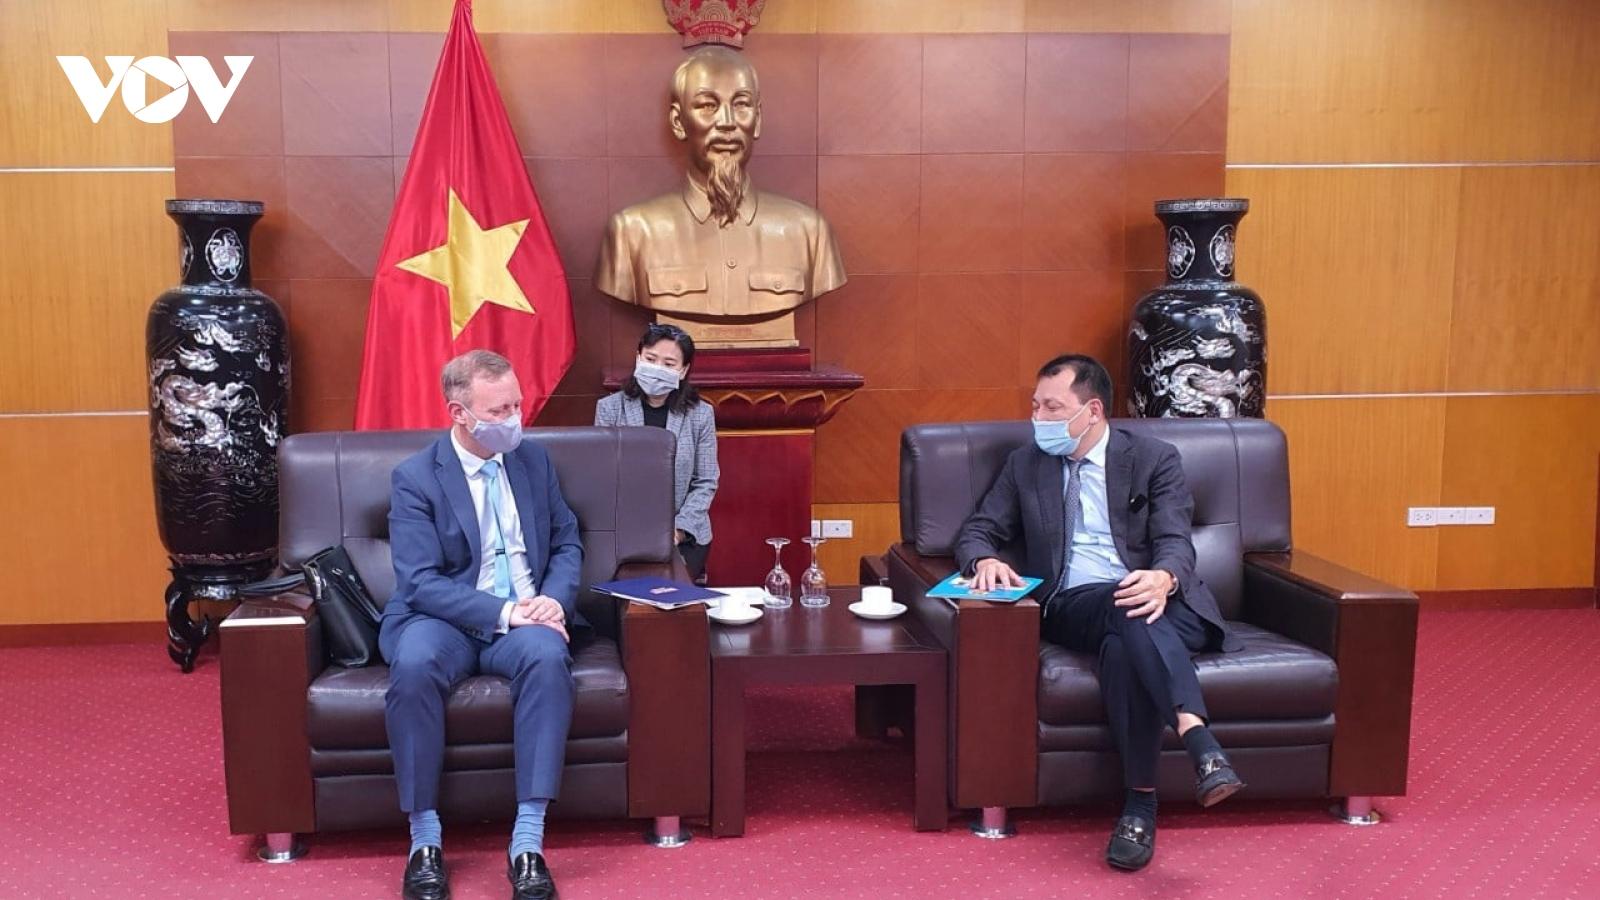 Hiệp định UKVFTA có hiệu lực sẽ giúp thúc đẩy thương mại Việt Nam và Vương quốc Anh